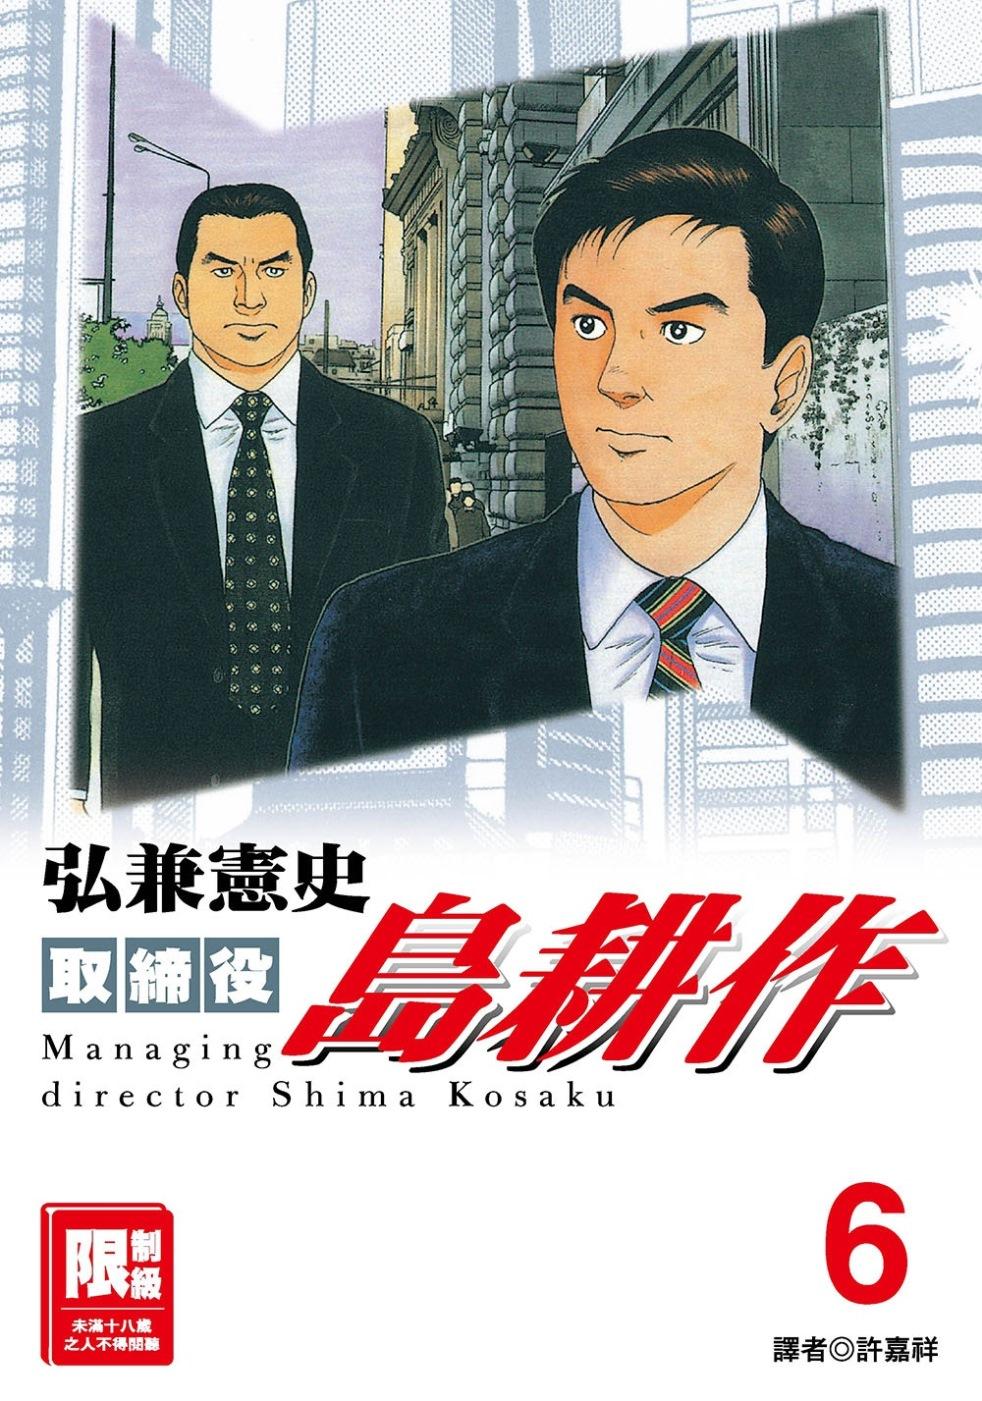 取締役島耕作(06)(限)(限...